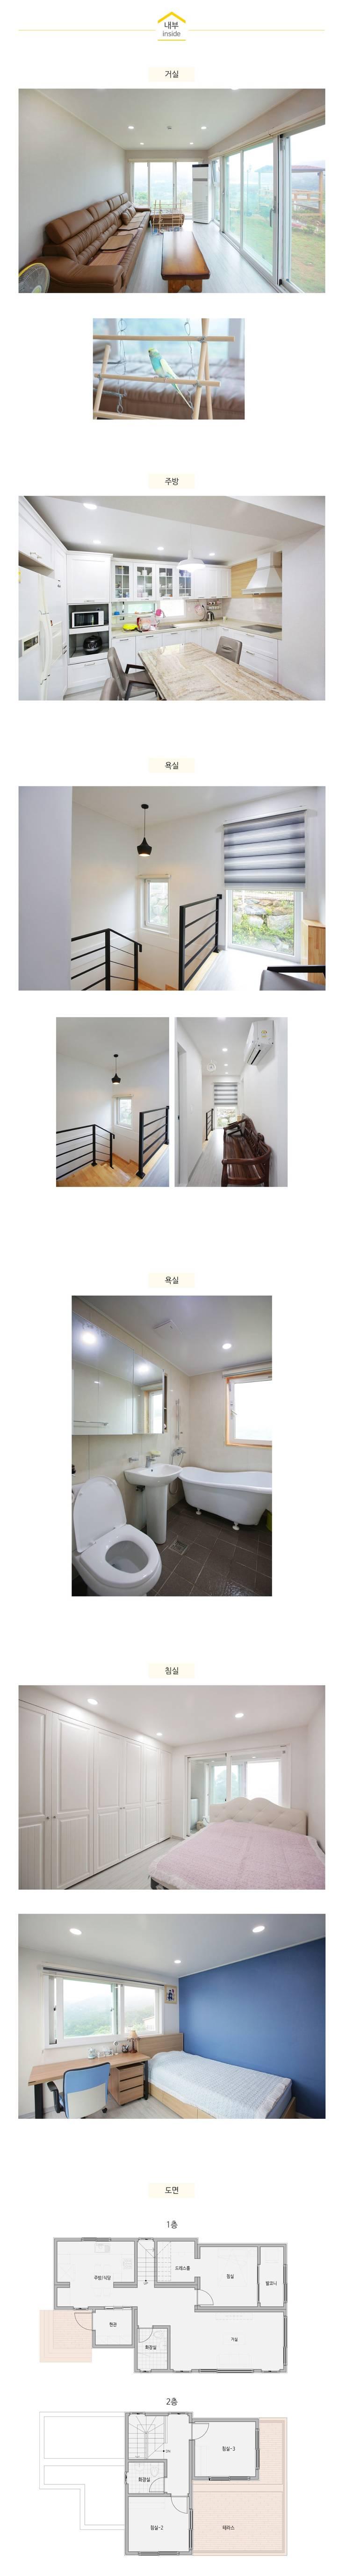 공기순환이 잘 되는 모듈러주택_내부: 공간제작소(주)의  방,